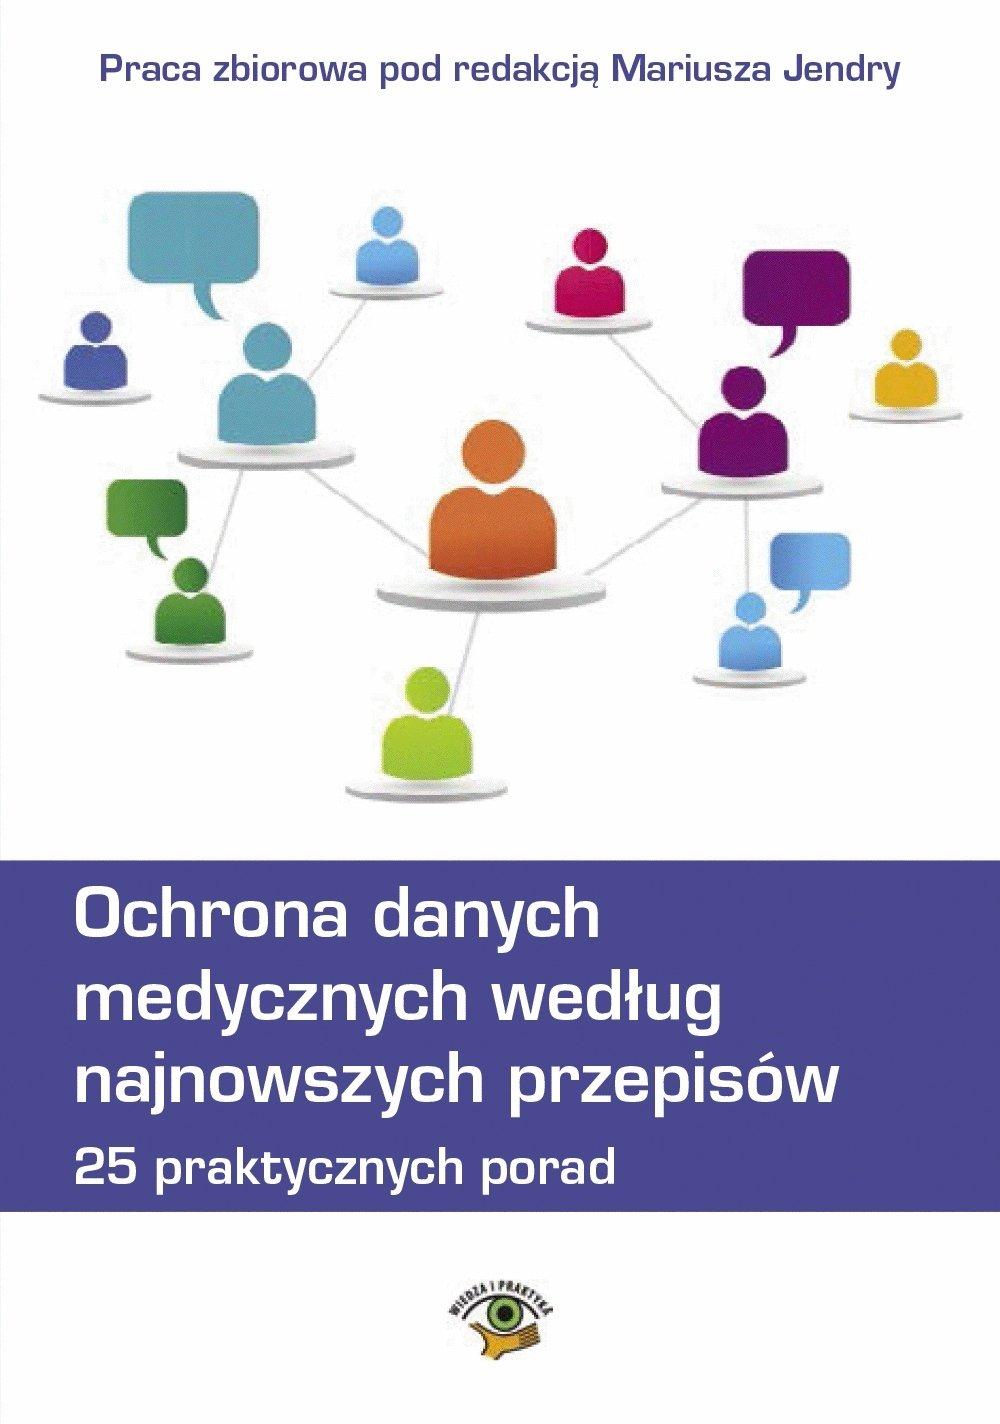 Ochrona danych medycznych według najnowszych przepisów. 25 praktycznych porad. - Ebook (Książka na Kindle) do pobrania w formacie MOBI